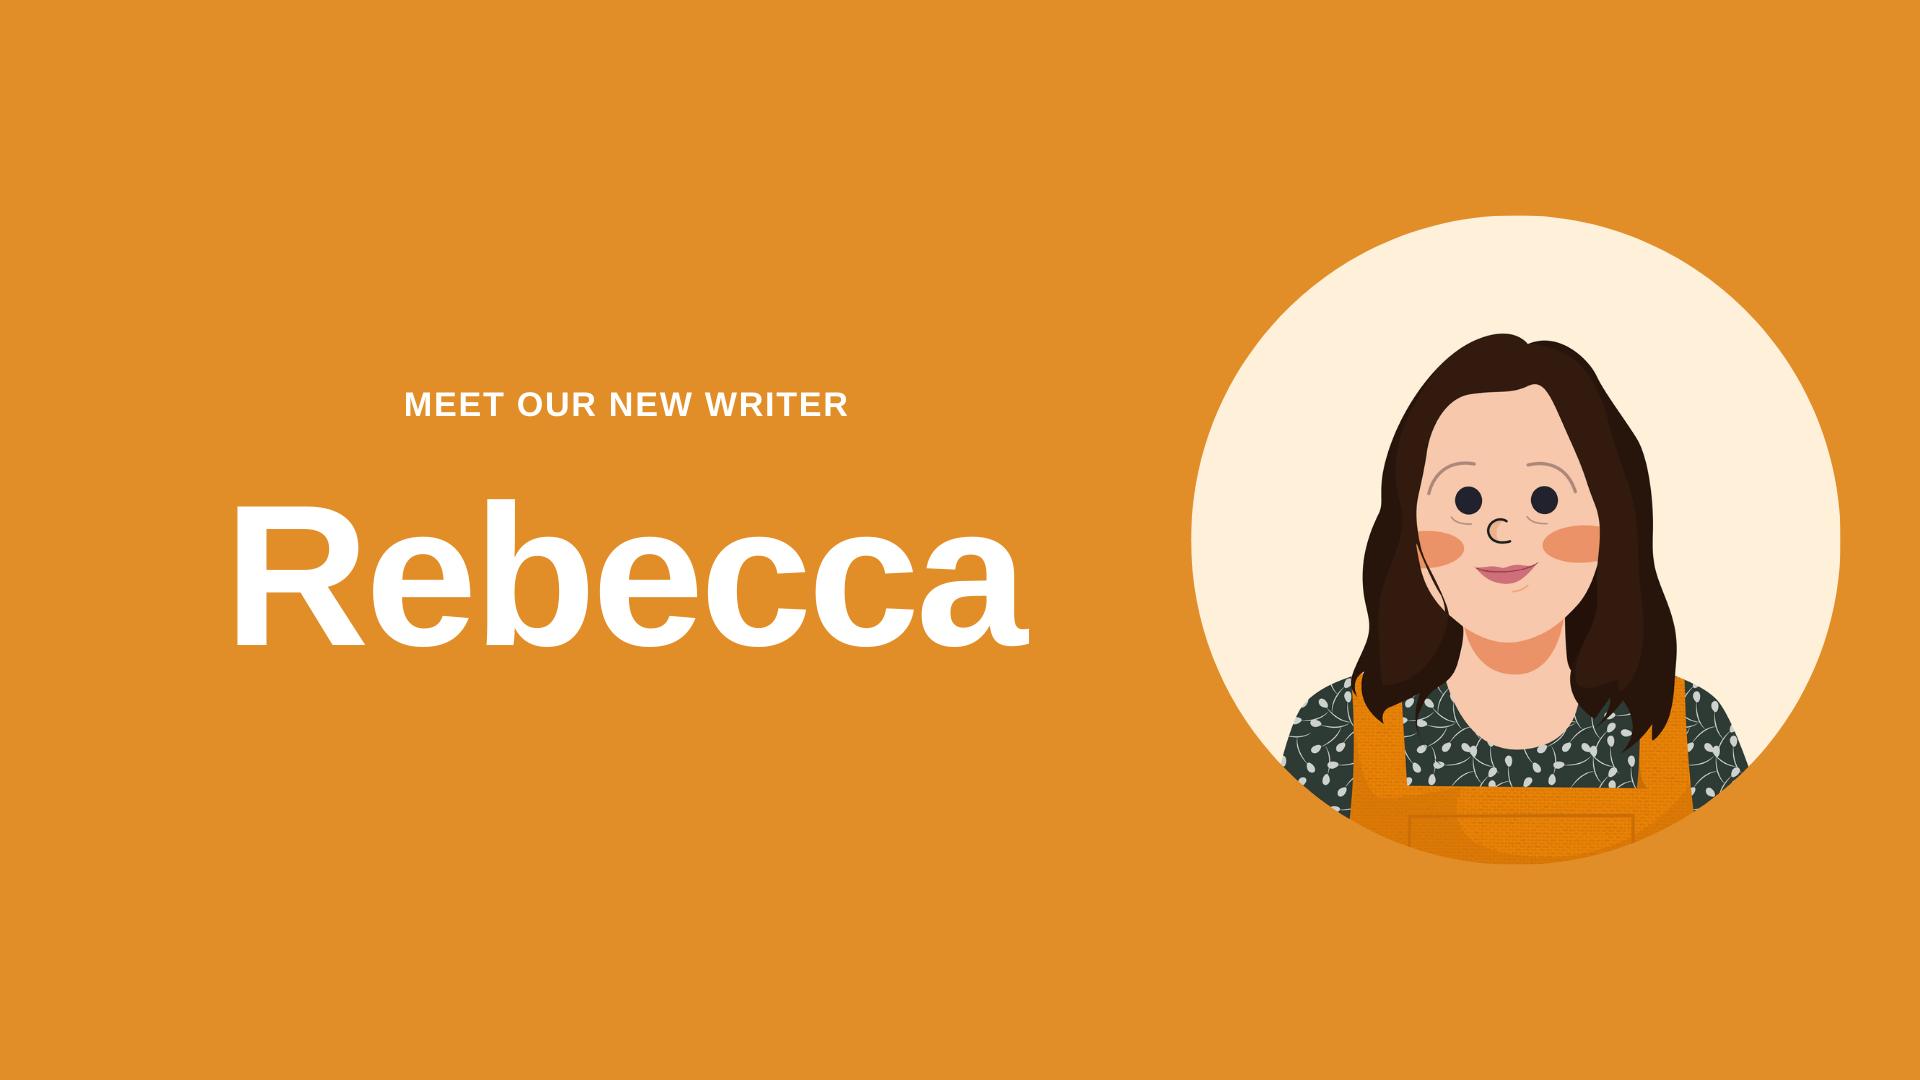 Welcome Rebecca, Our New Escape Room Writer in Scotland!